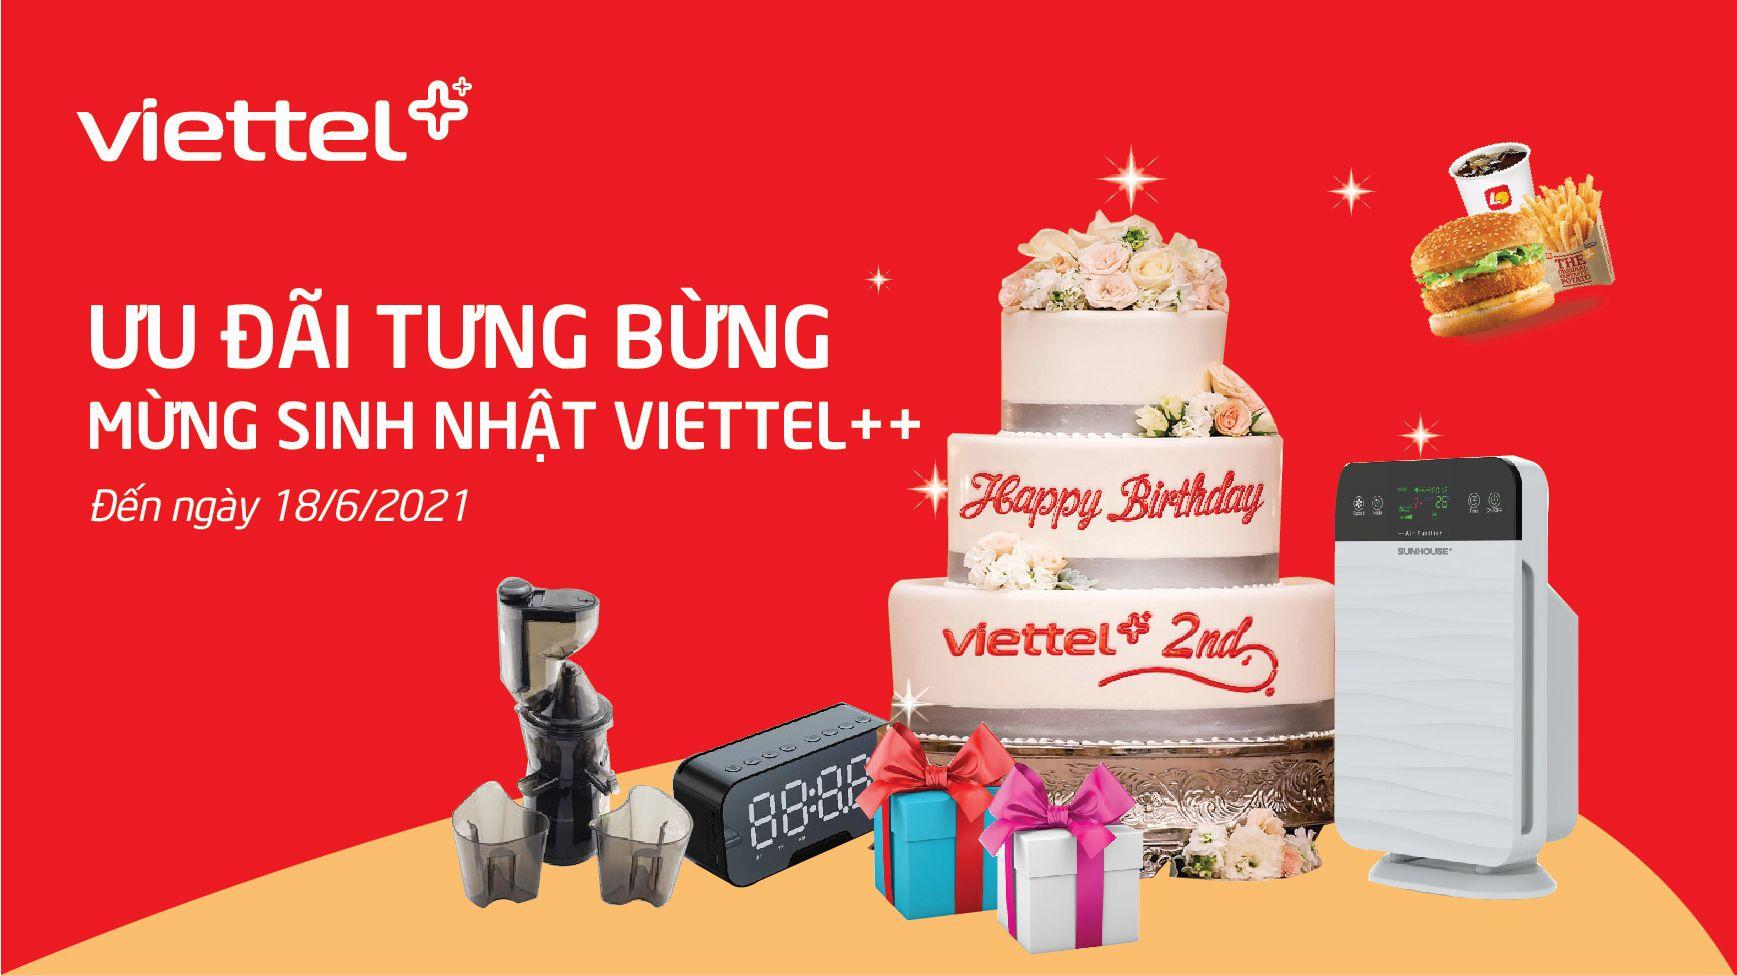 Đối tác liên kết Viettel ++ phủ tới cấp xã sau 2 năm ra mắt - Ảnh 1.